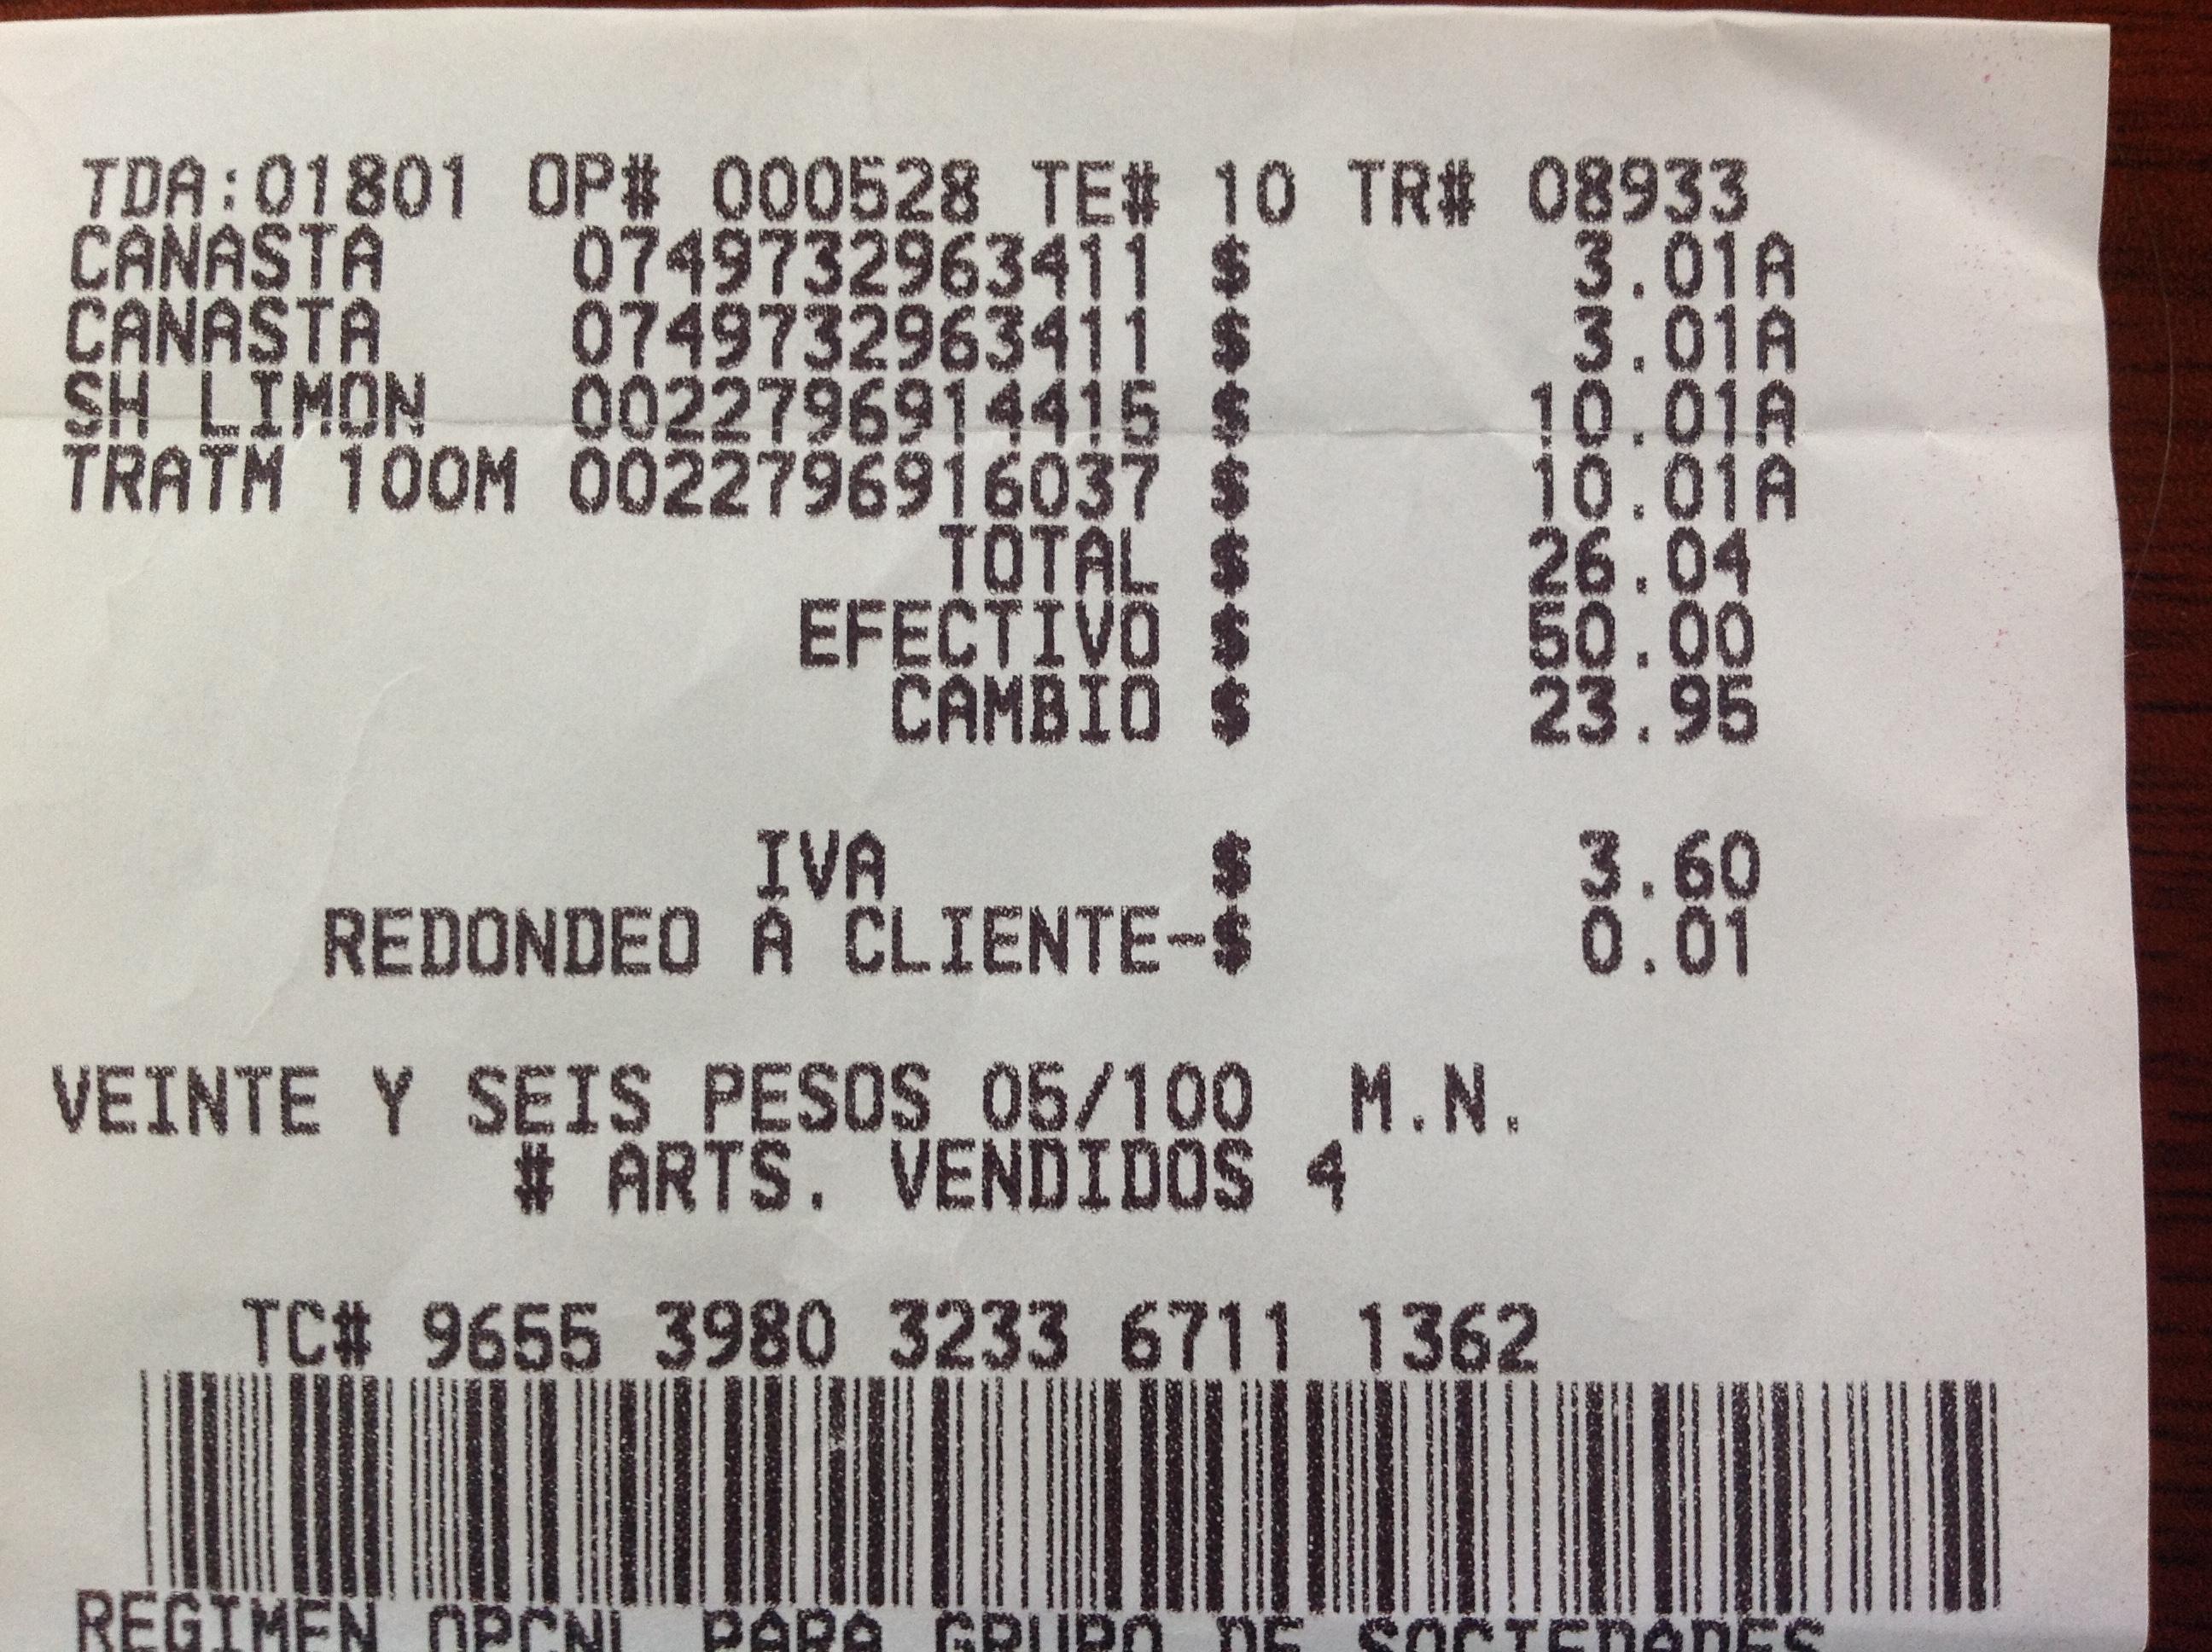 Walmart: shampoo y Tx de queratina OGX a $10.01 c/u